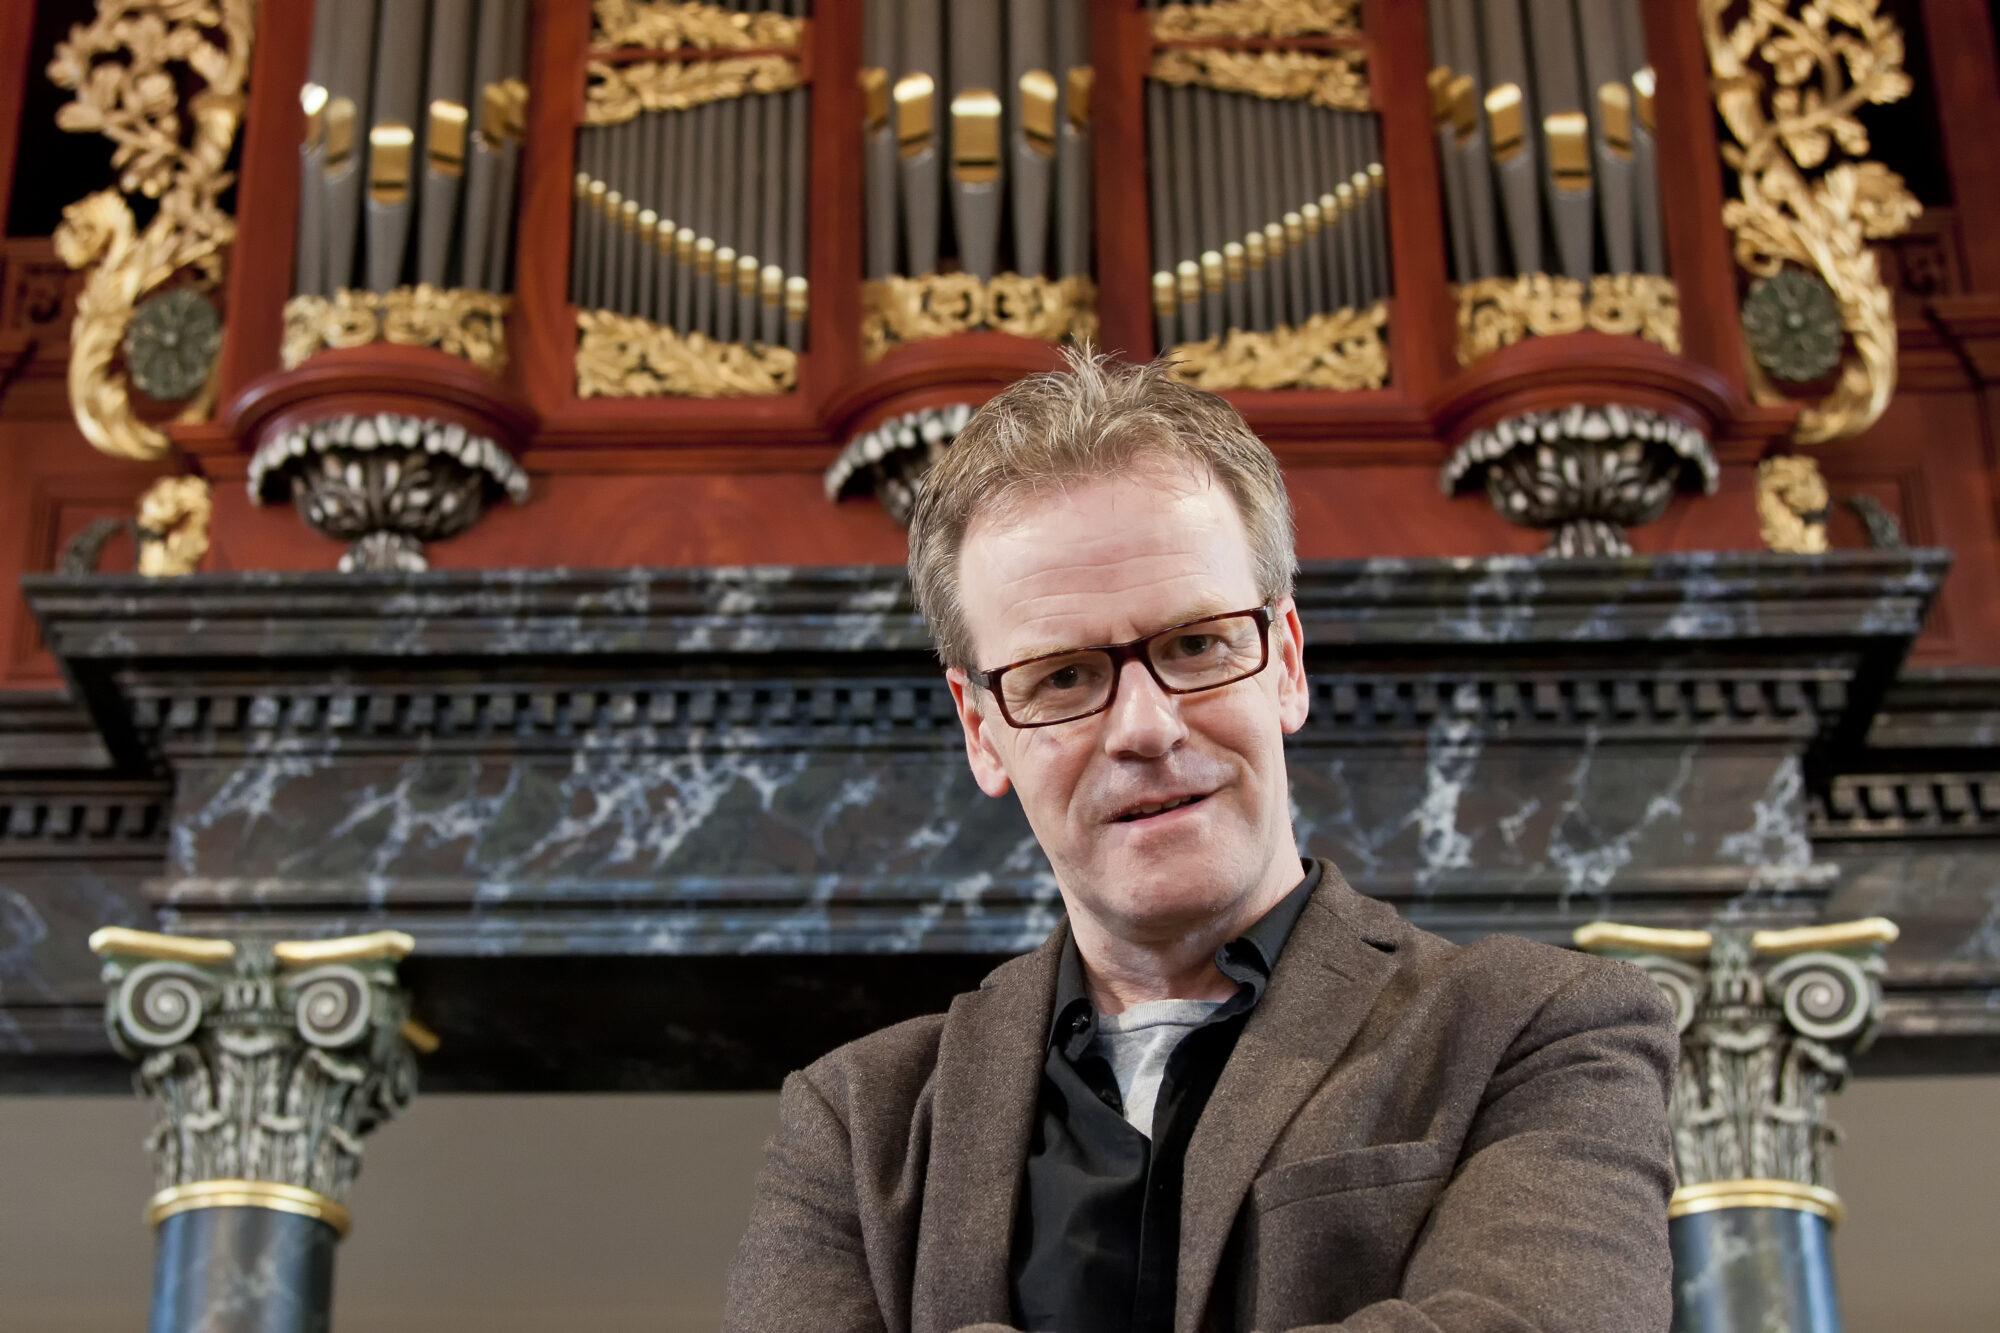 Orgelmuziek met zang in Walburgiskerk